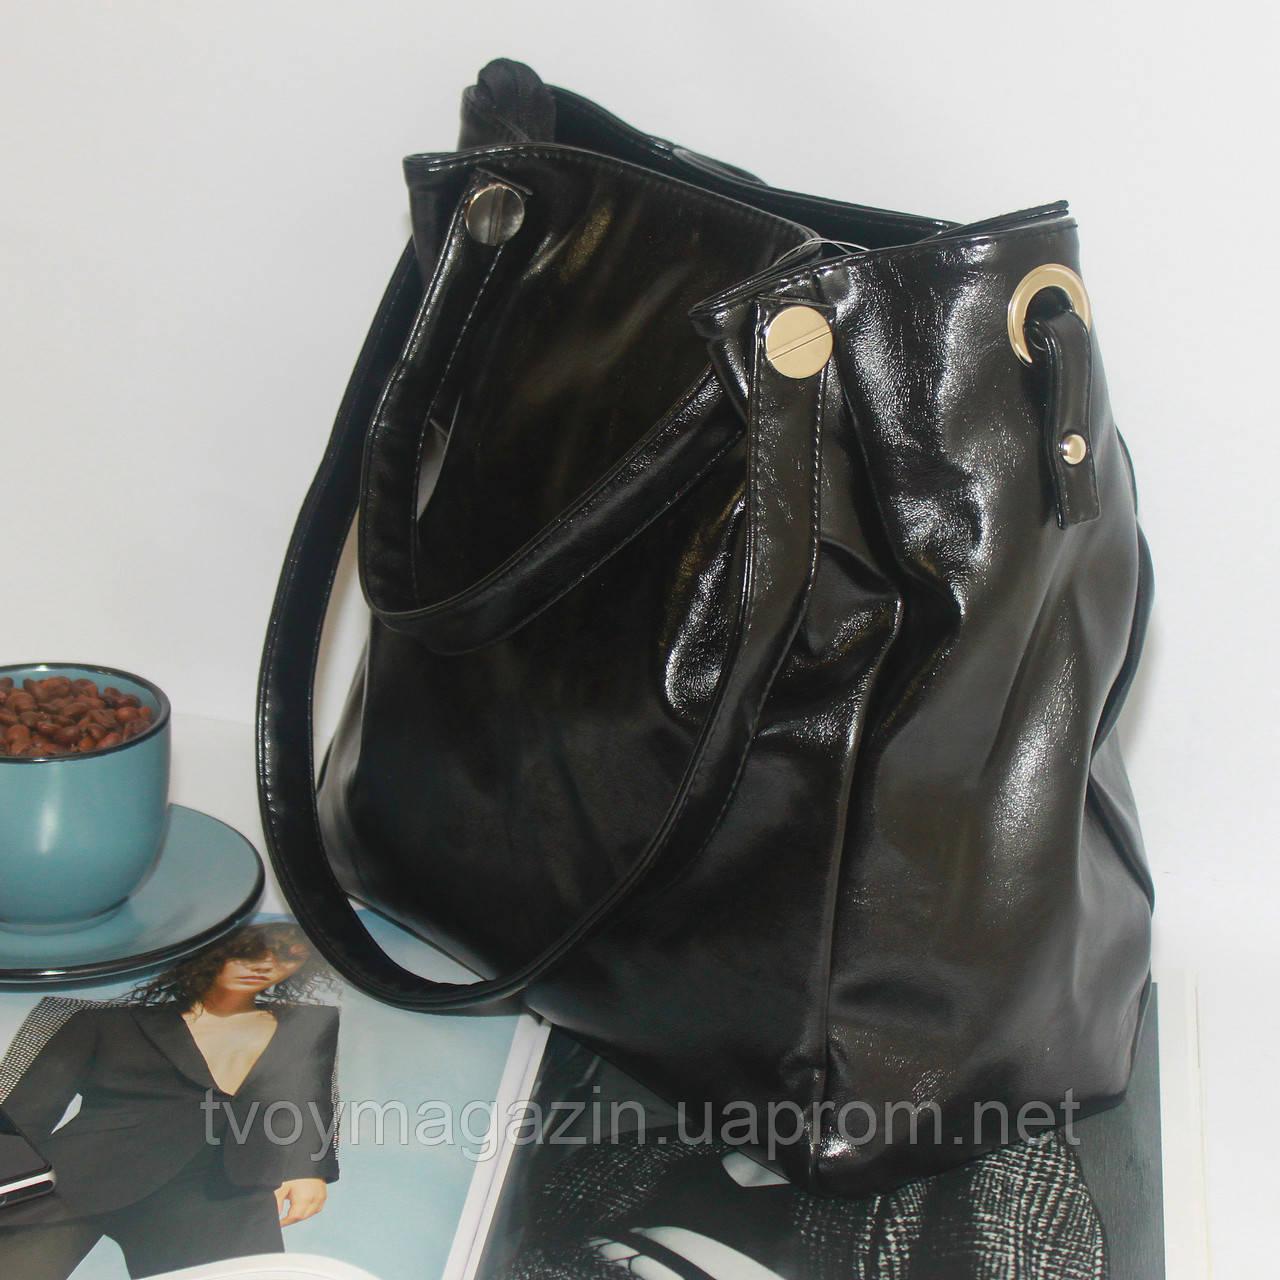 Лаковая классическая вместительная чорная сумка  Лакова класична вмістка чорна сумка